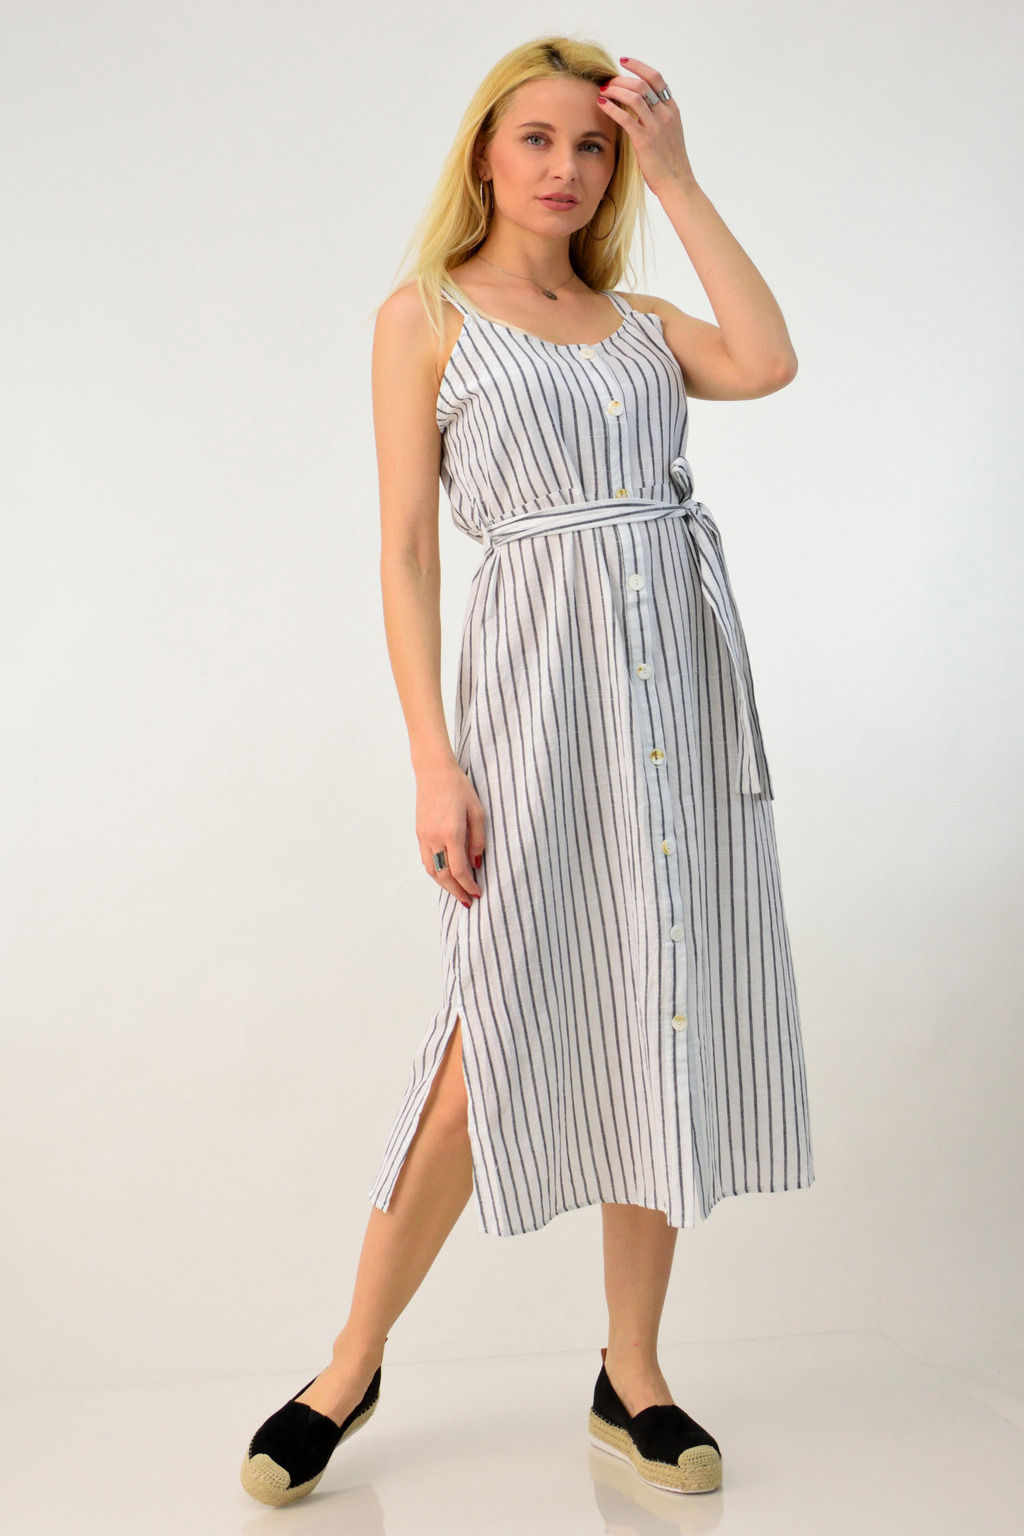 b13d5775e4db Φόρεμα λινό ριγέ τιράντα με ζώνη